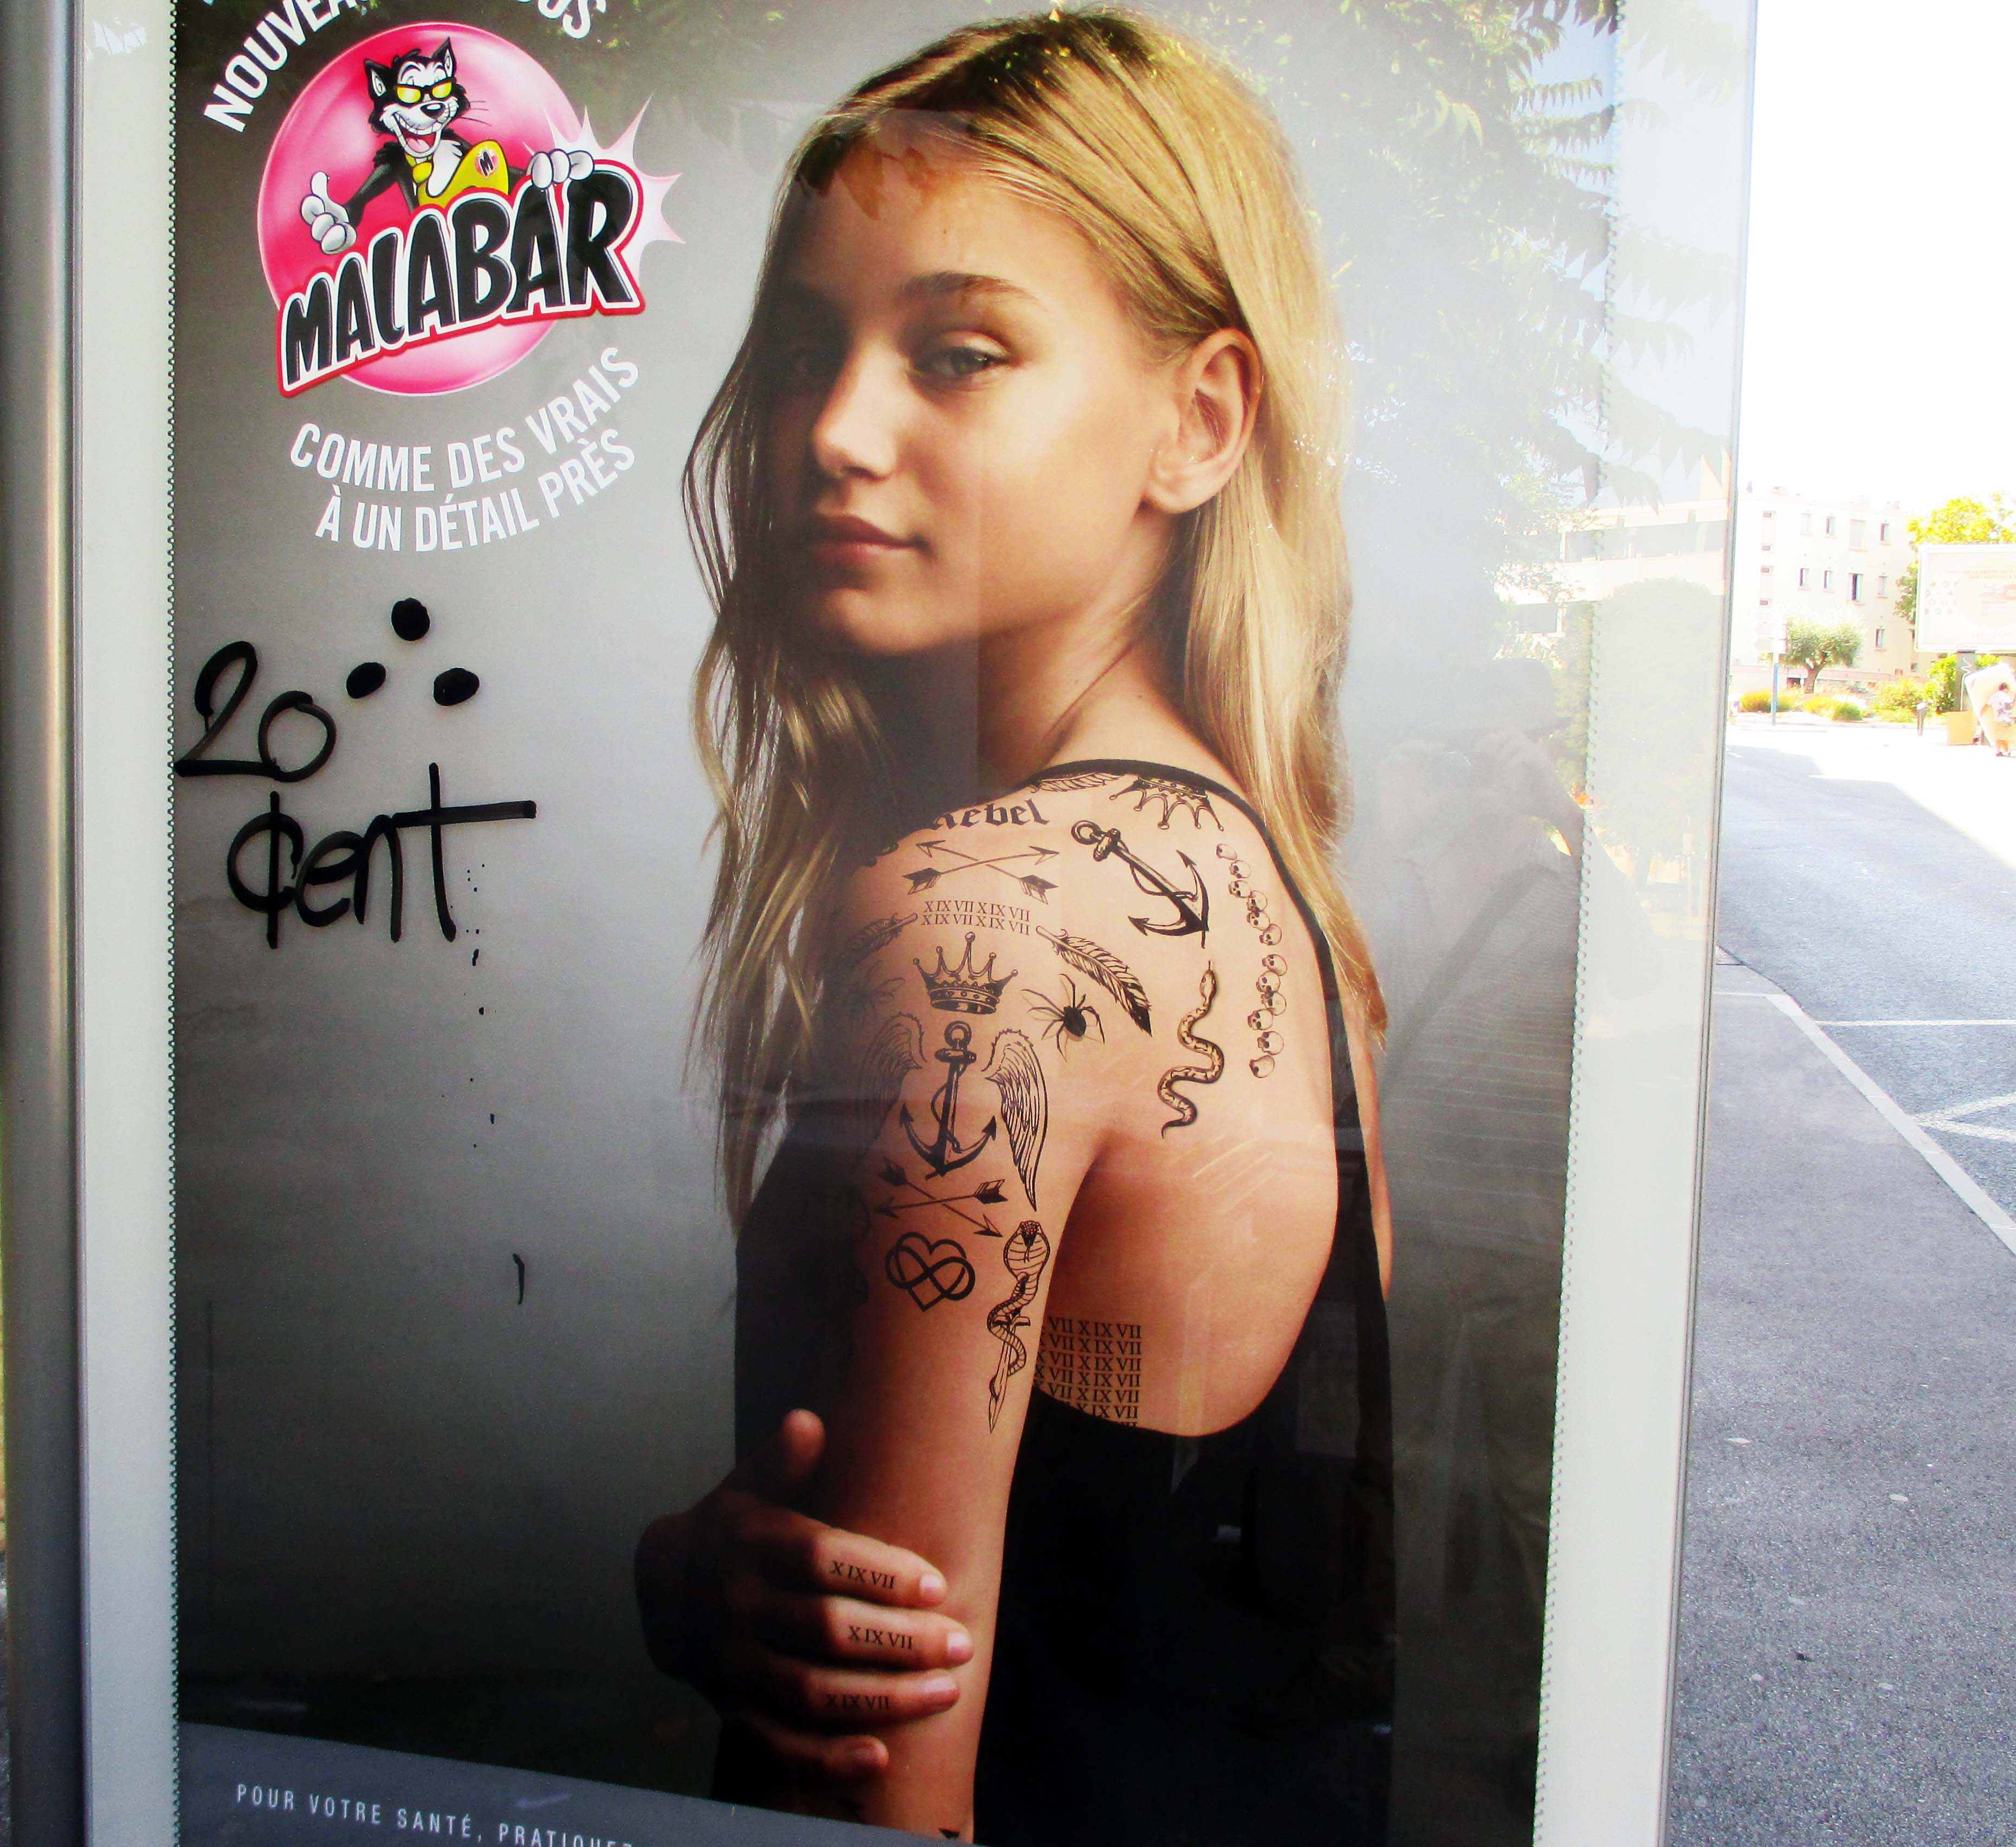 malabar tatouage pub